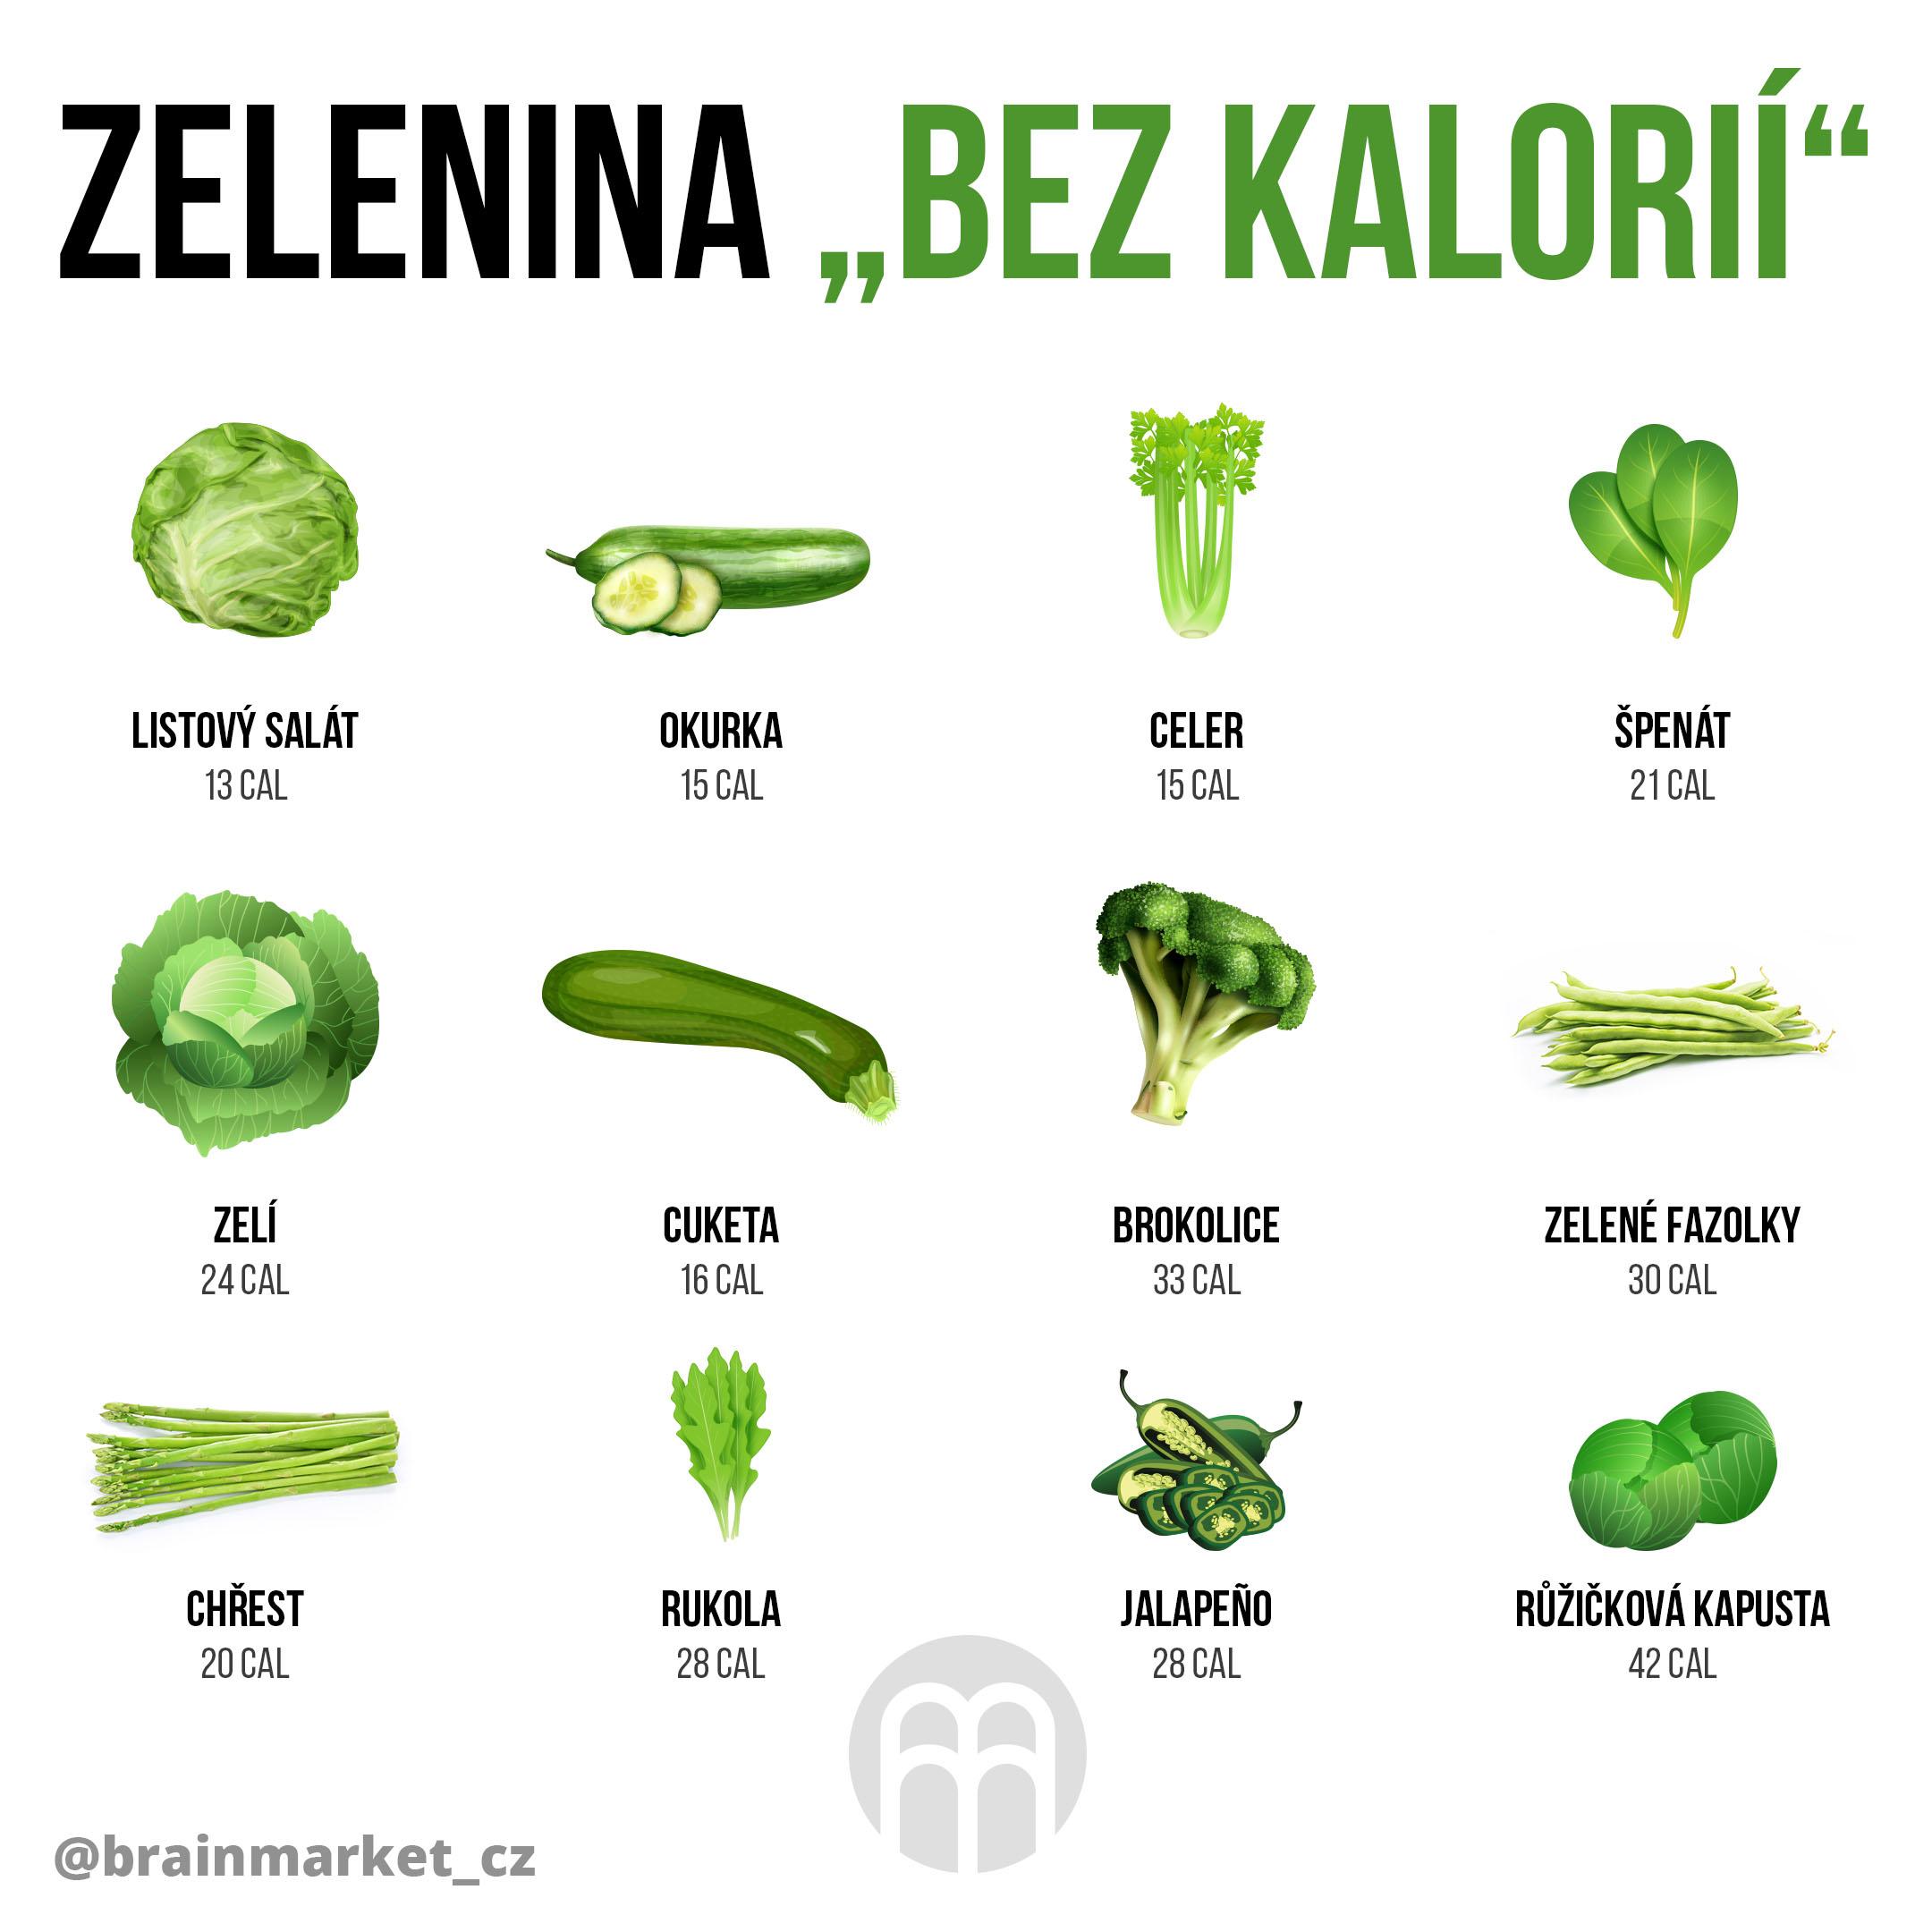 zelenina-bez-kalori